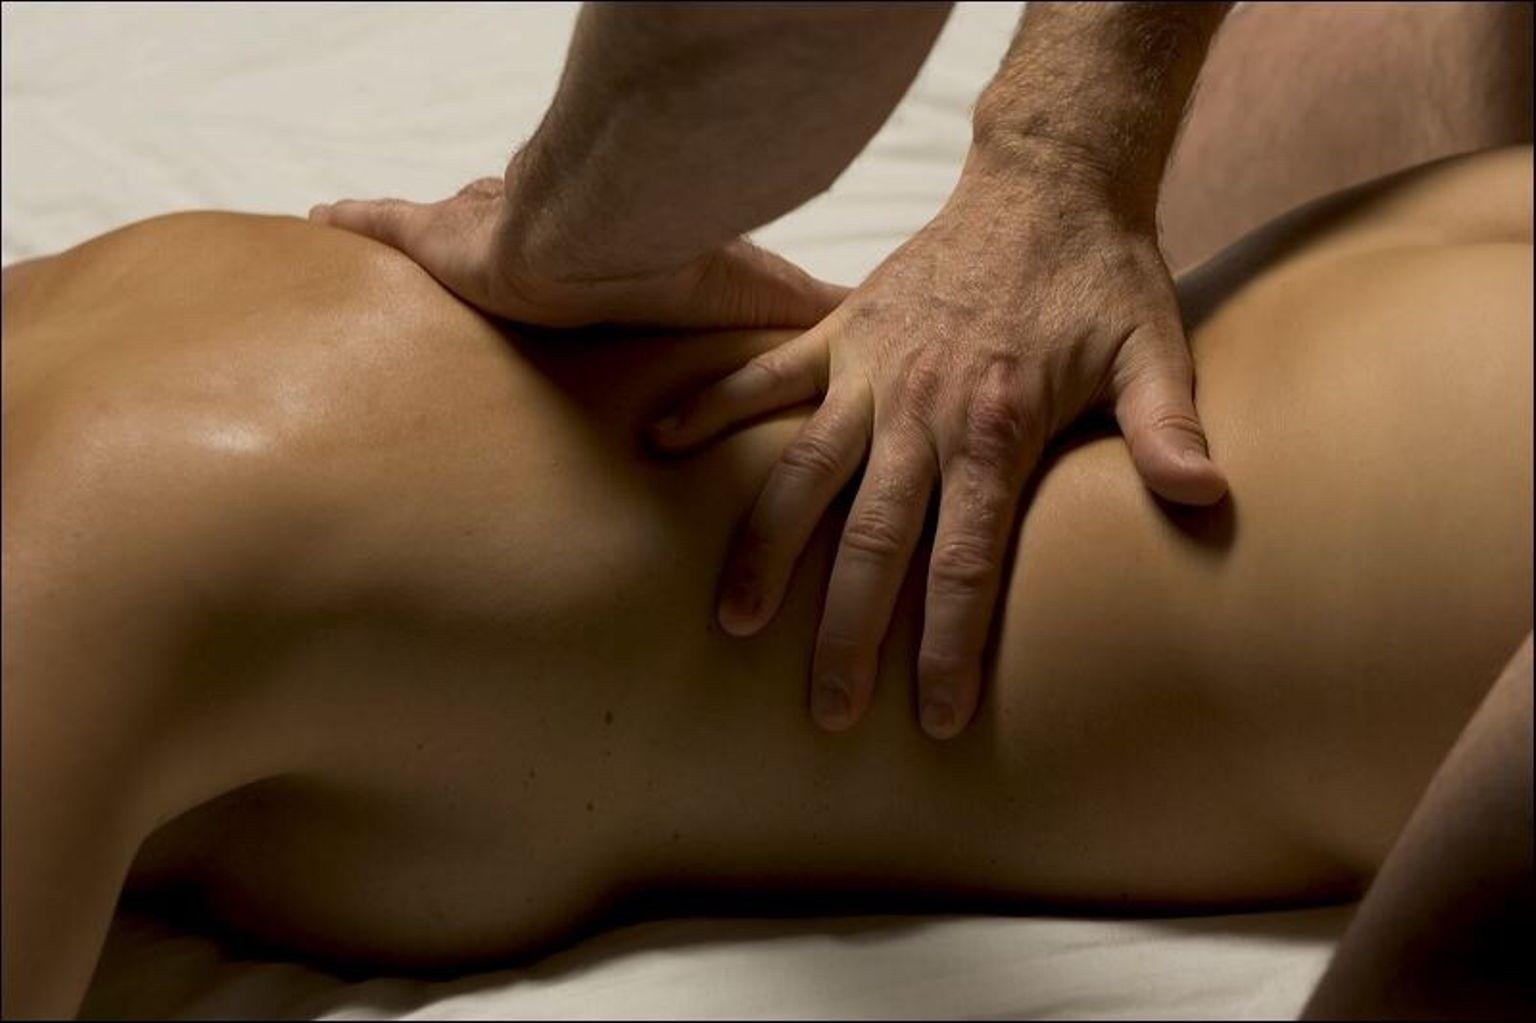 Техника тантрического массажа для мужчин фото веб моделей кривой рог